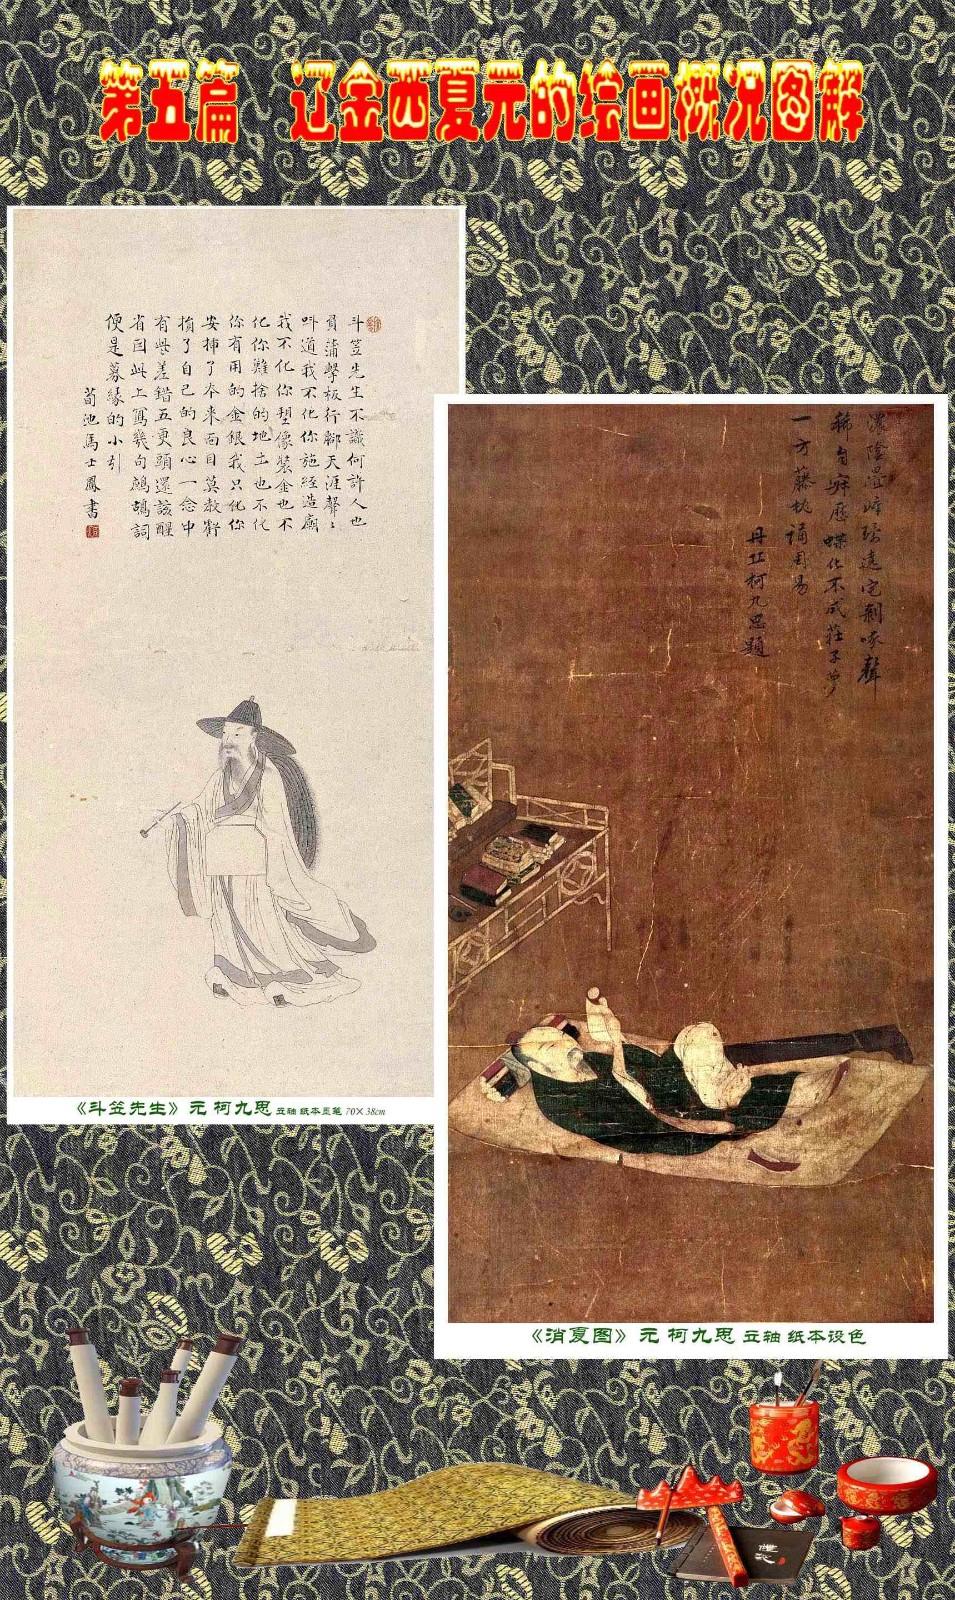 顾绍骅编辑 中国画知识普及版 第五篇 辽金西夏元的绘画概况 下 ... ..._图1-5